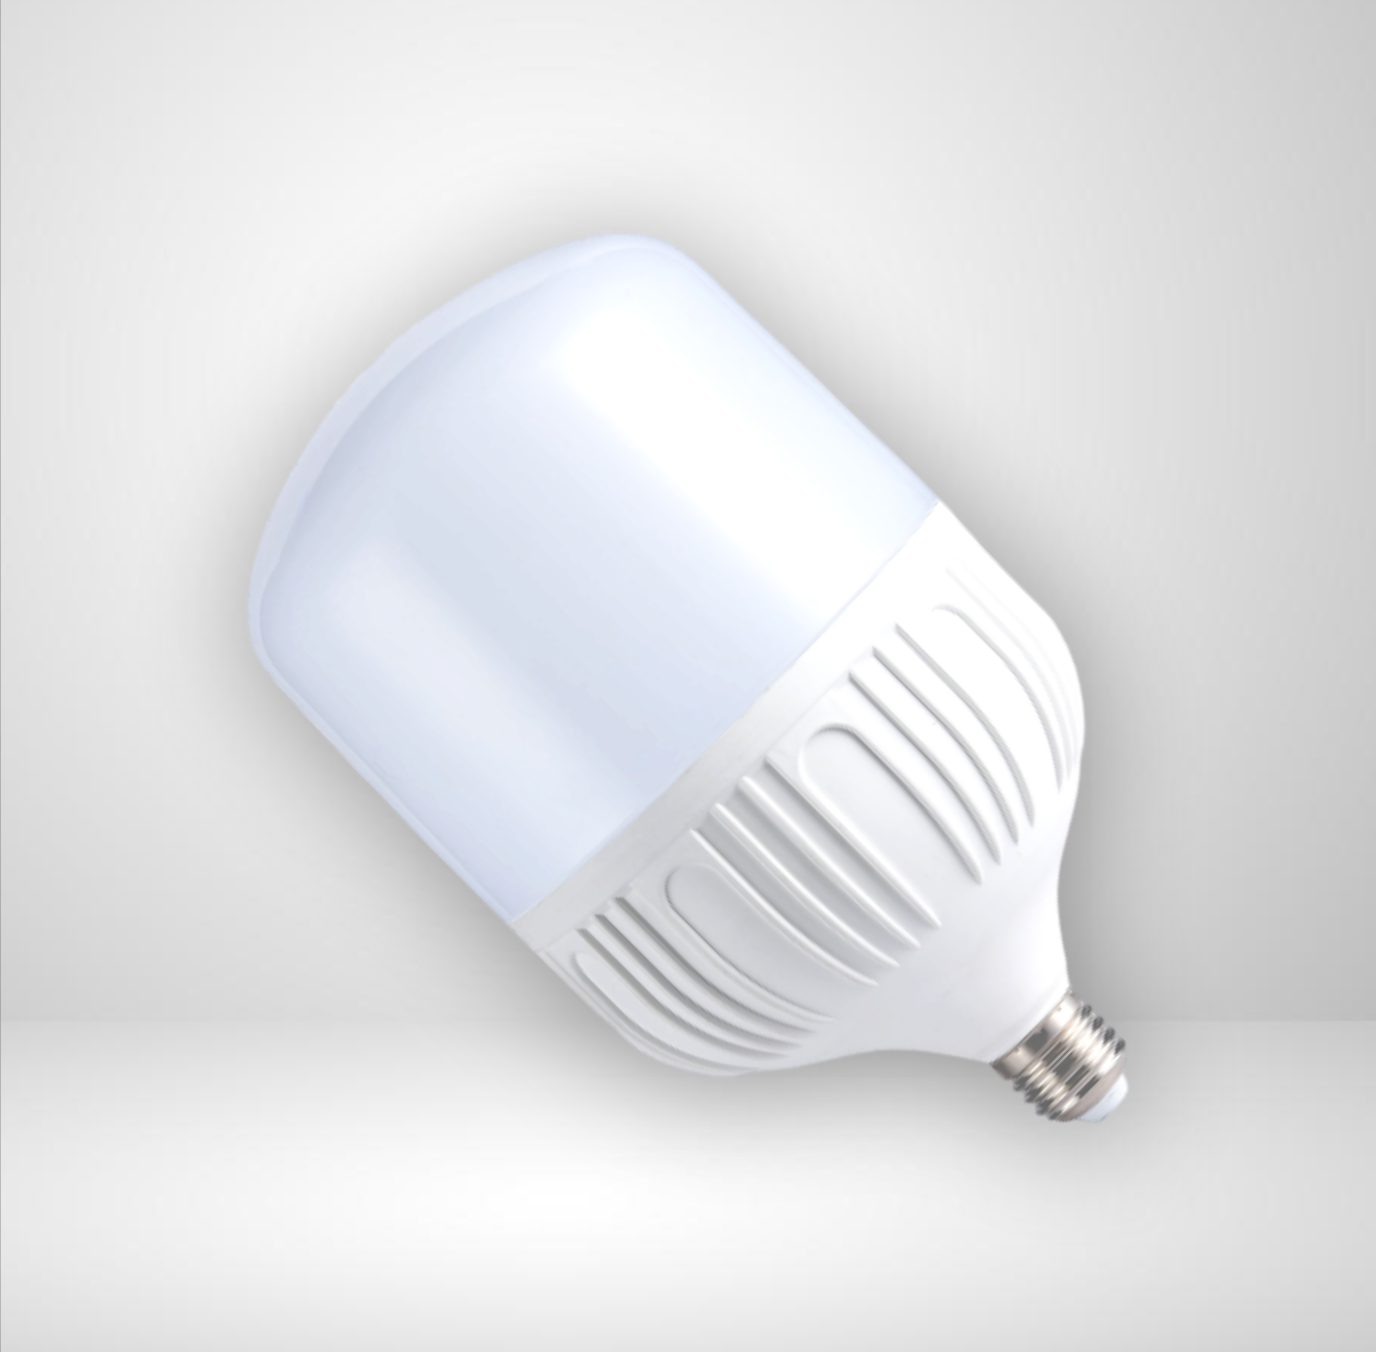 Best 40 watt bulb in pakistan